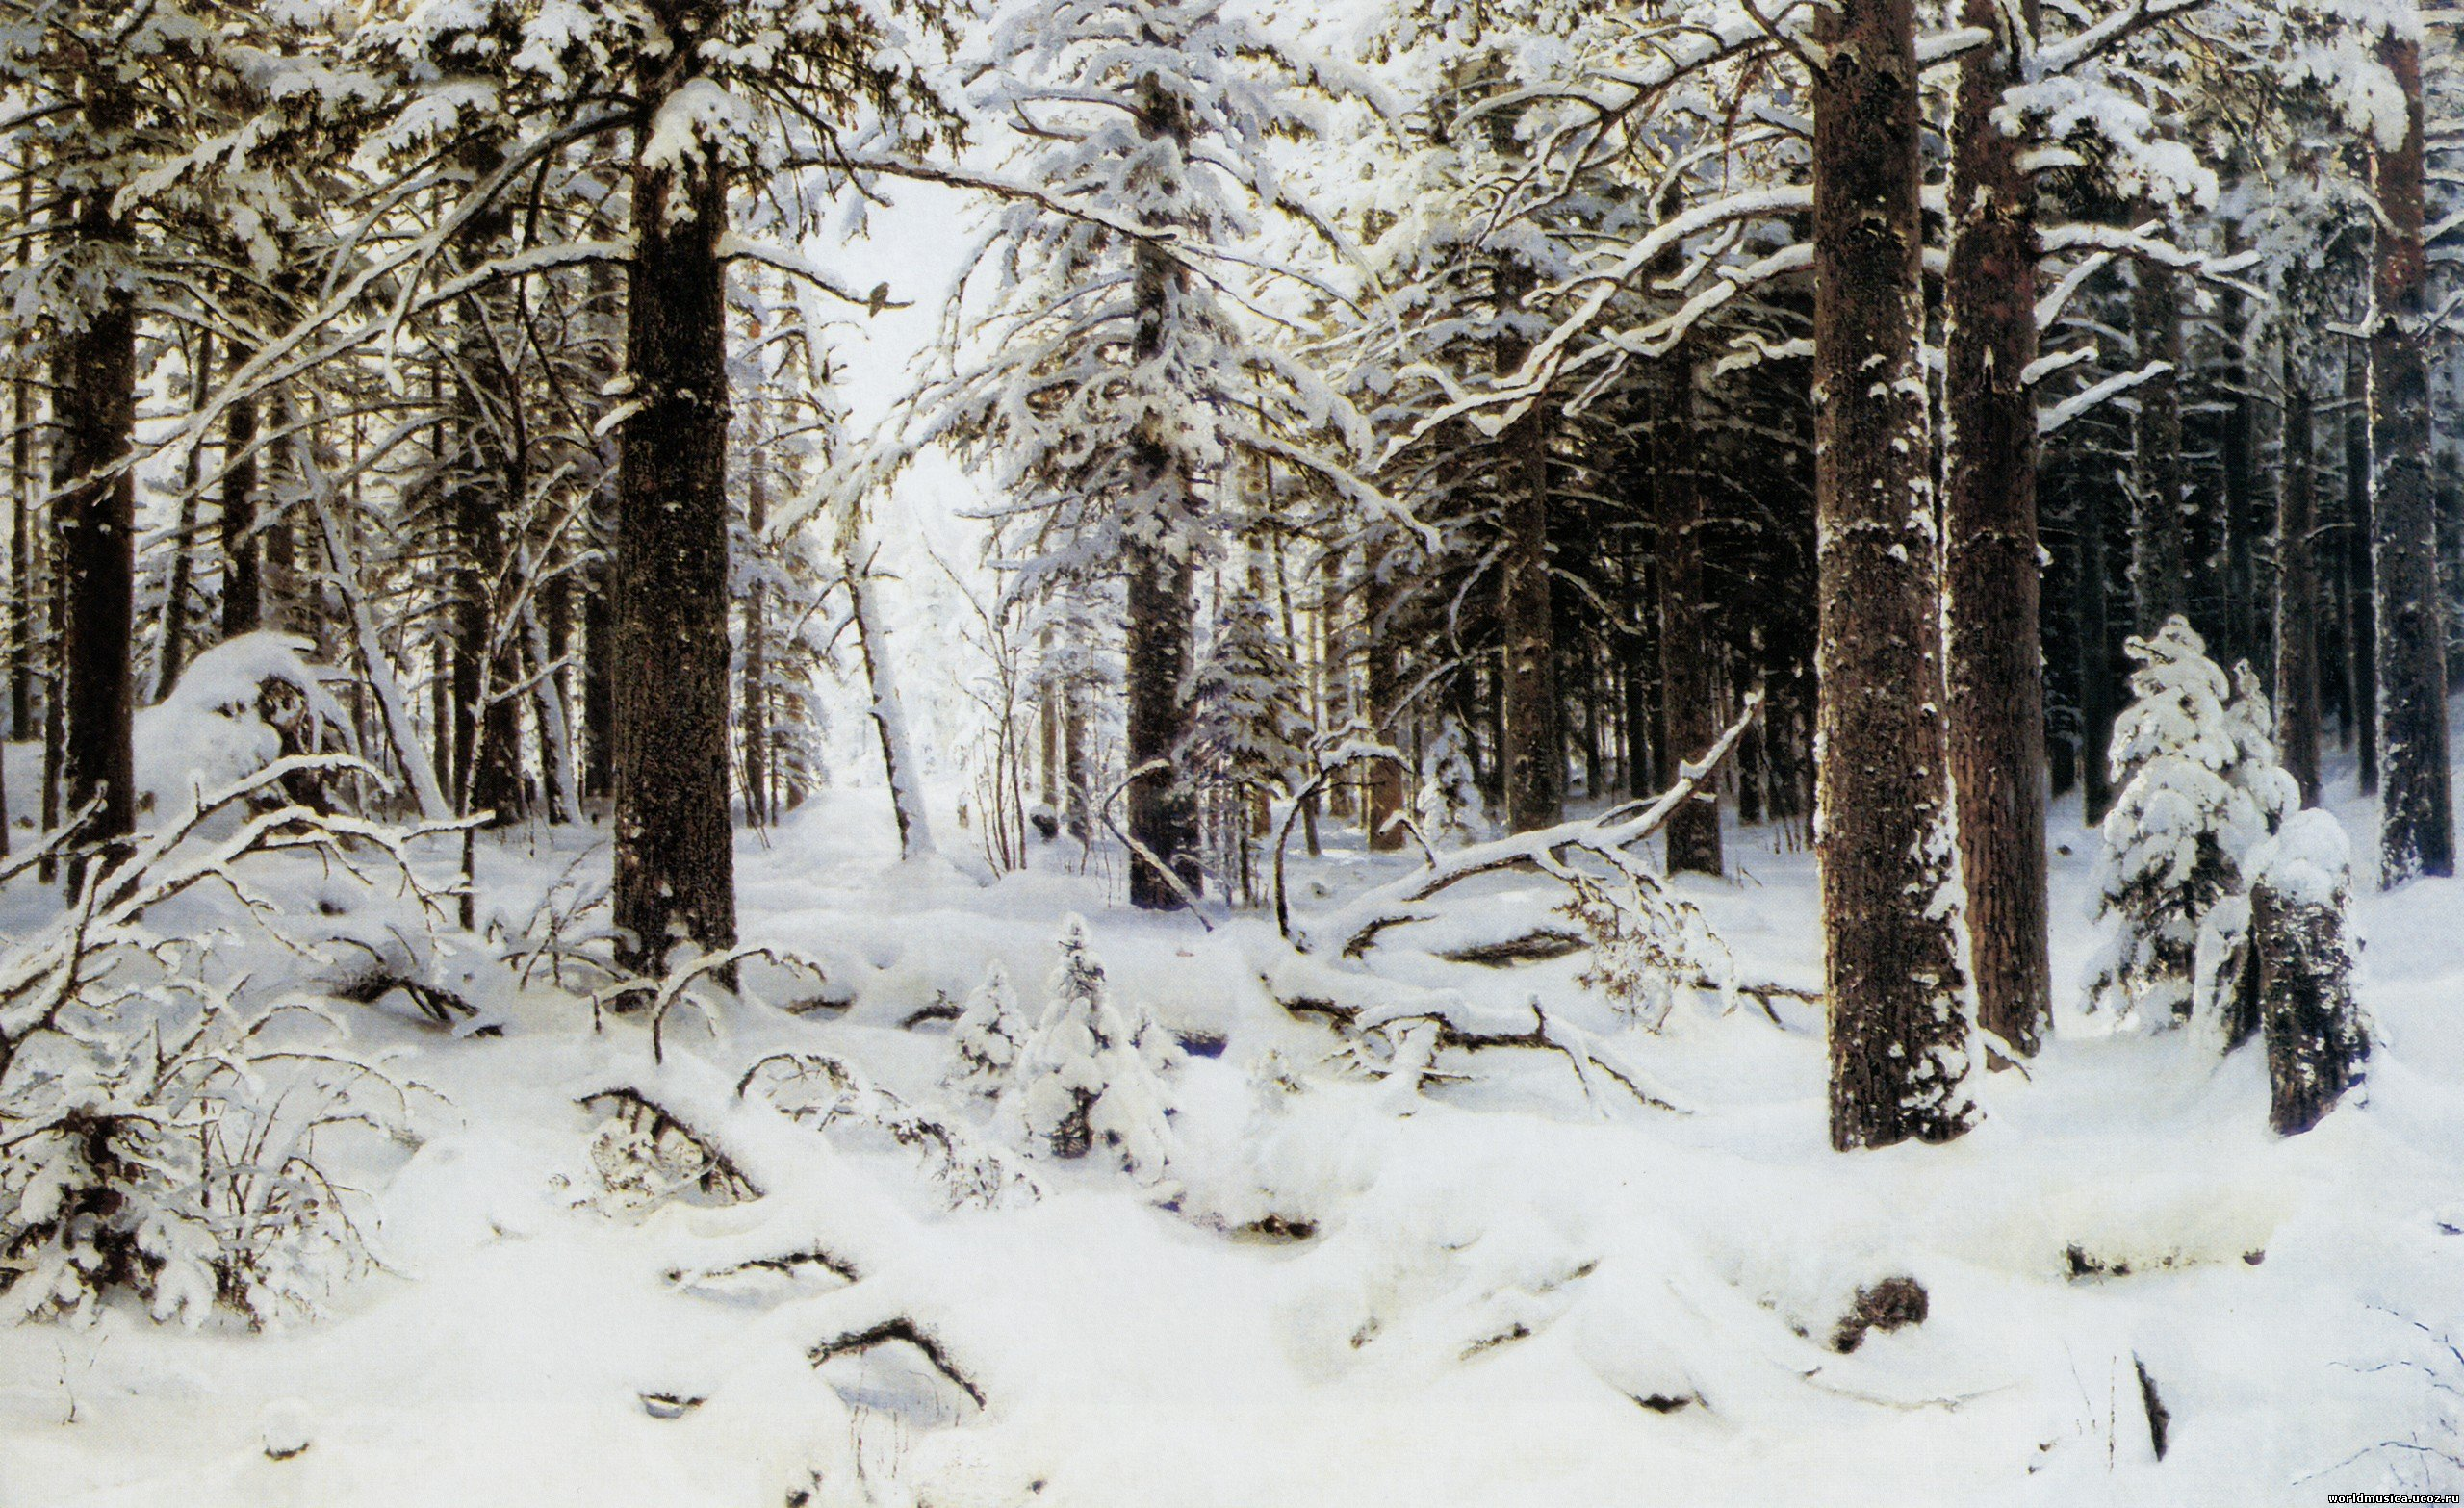 Дубы вДубовая роща. Сосновый бор. Мачтовый лес Вятской губернии